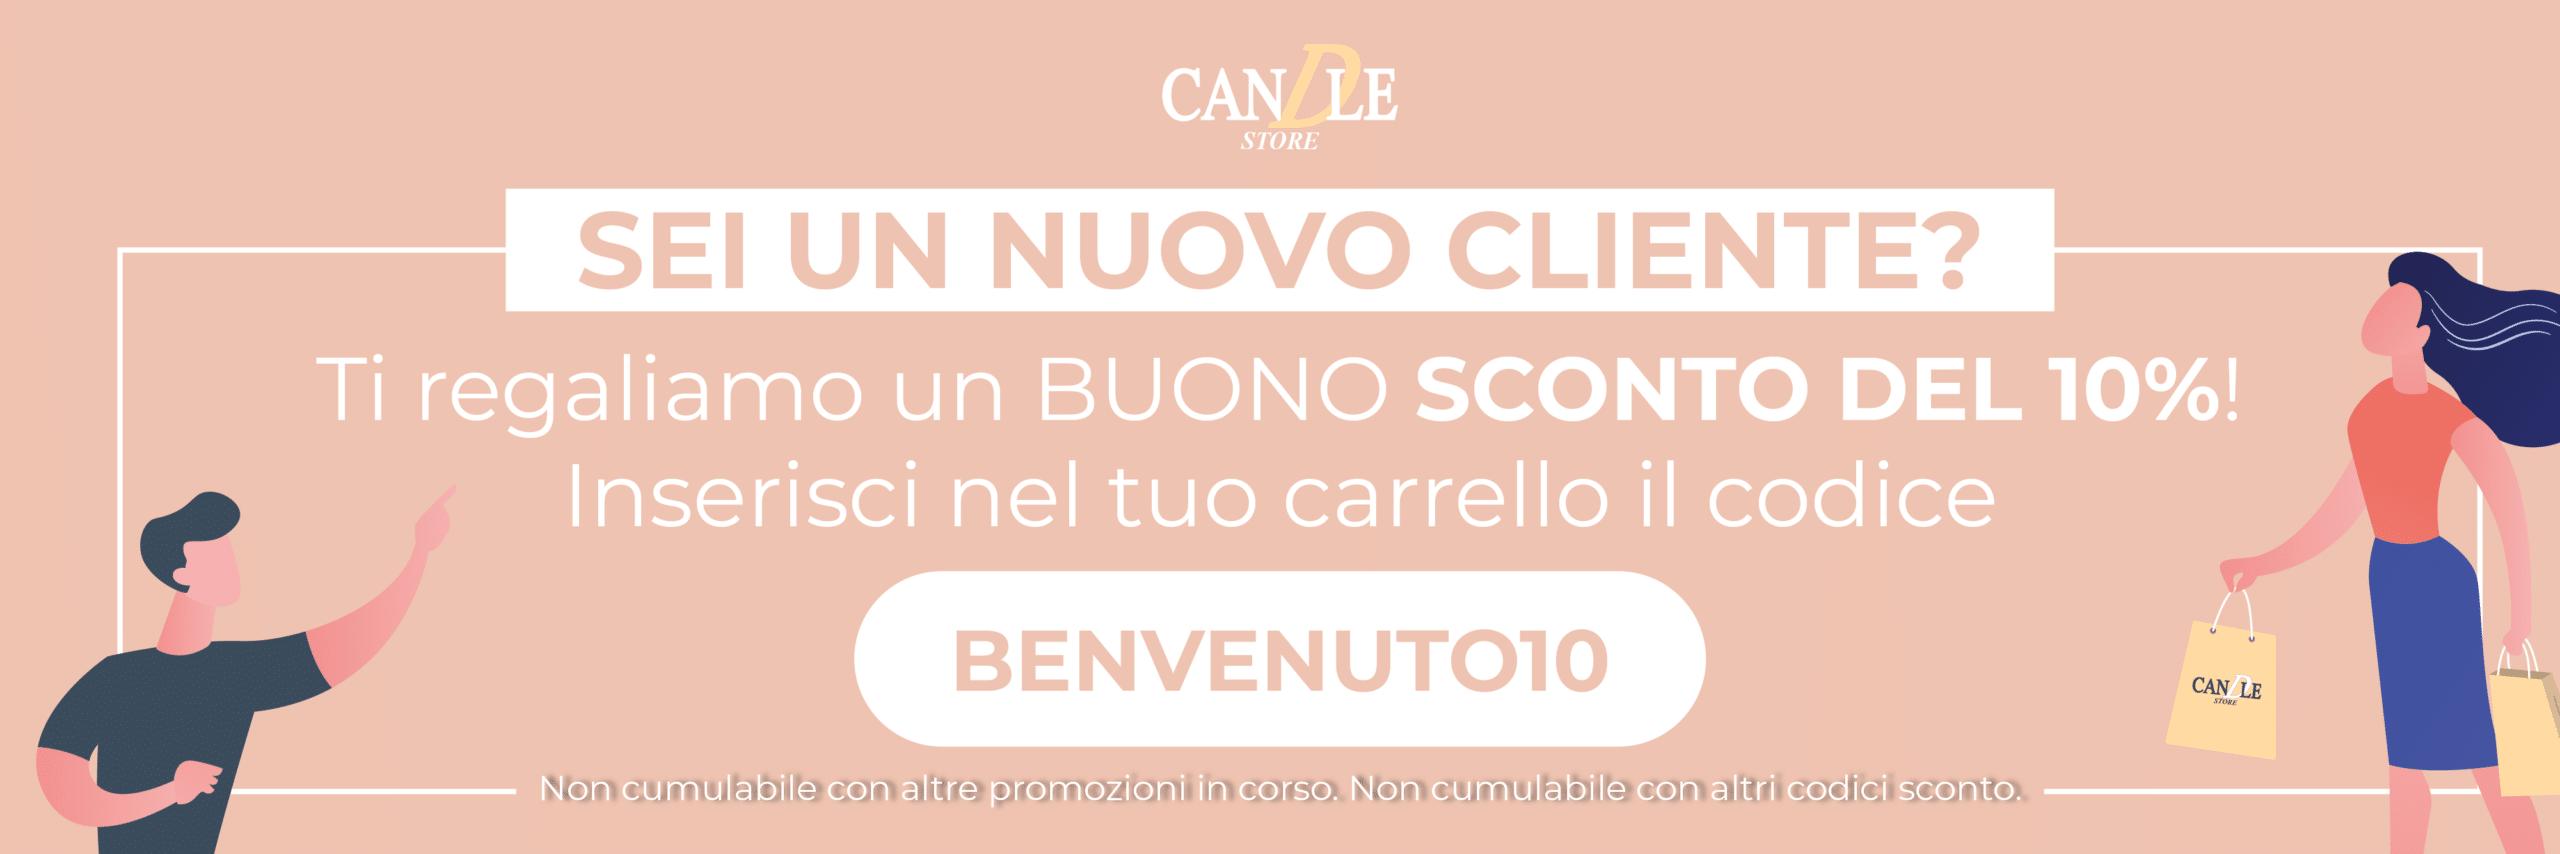 Buono Sconto Nuovo Cliente Sconto 10% BENVENUTO10 - Candle Store